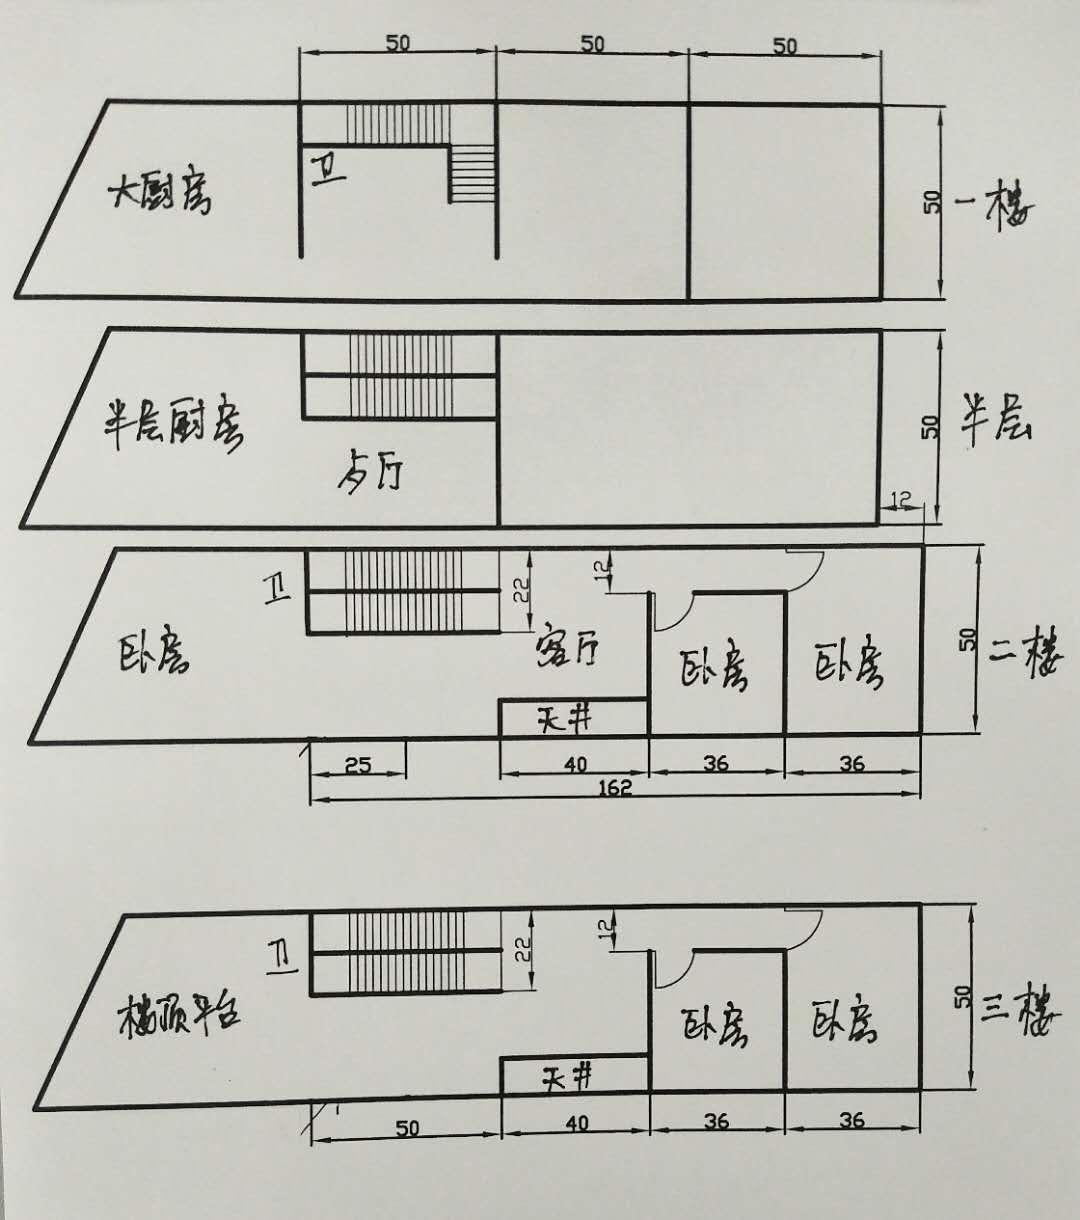 房屋设计:长20米宽5米房子设计图图片